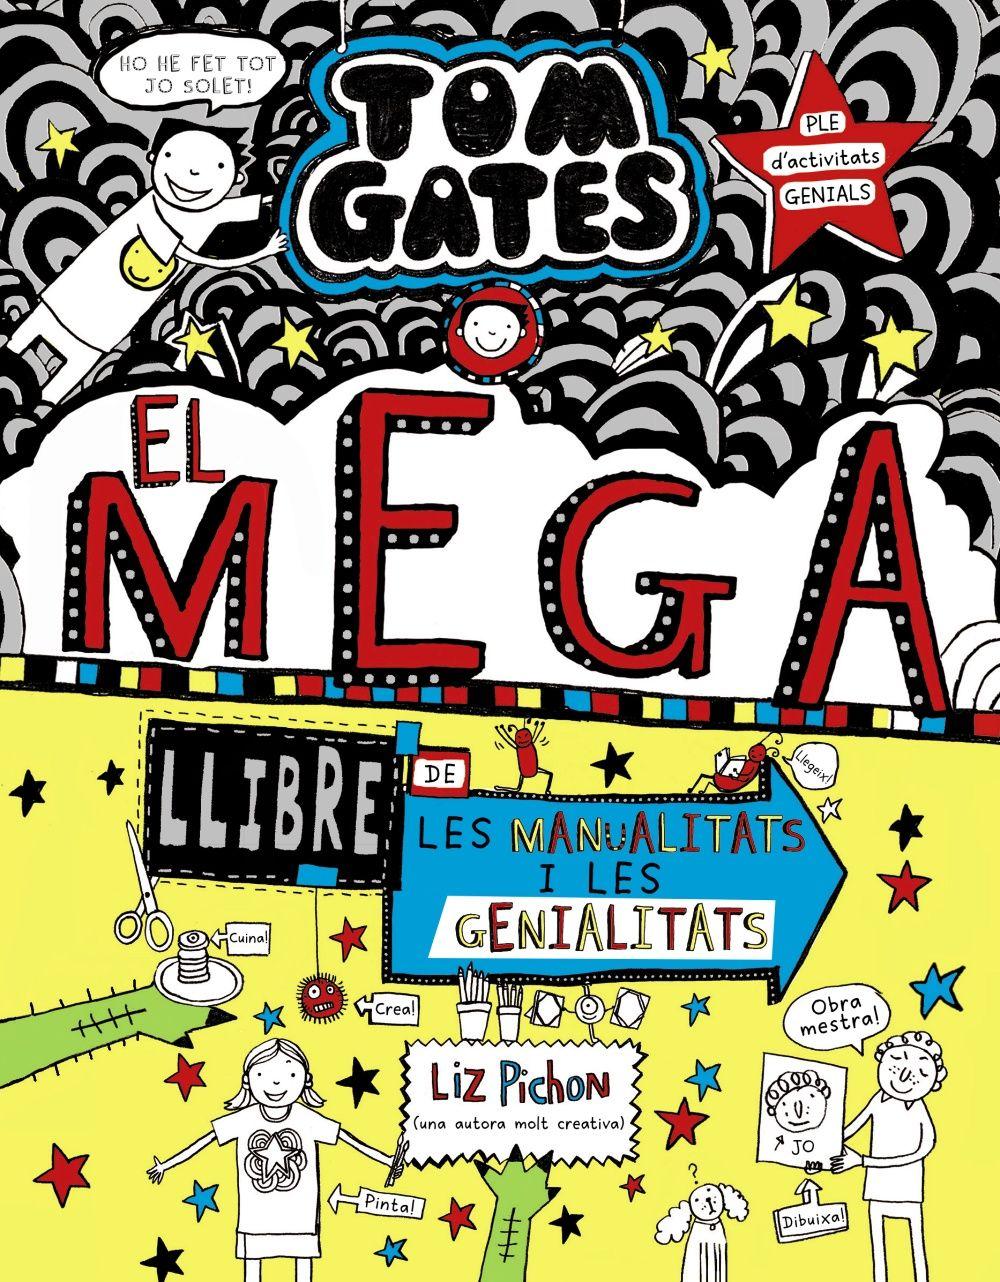 T. GATES: EL MEGA LLIBRE